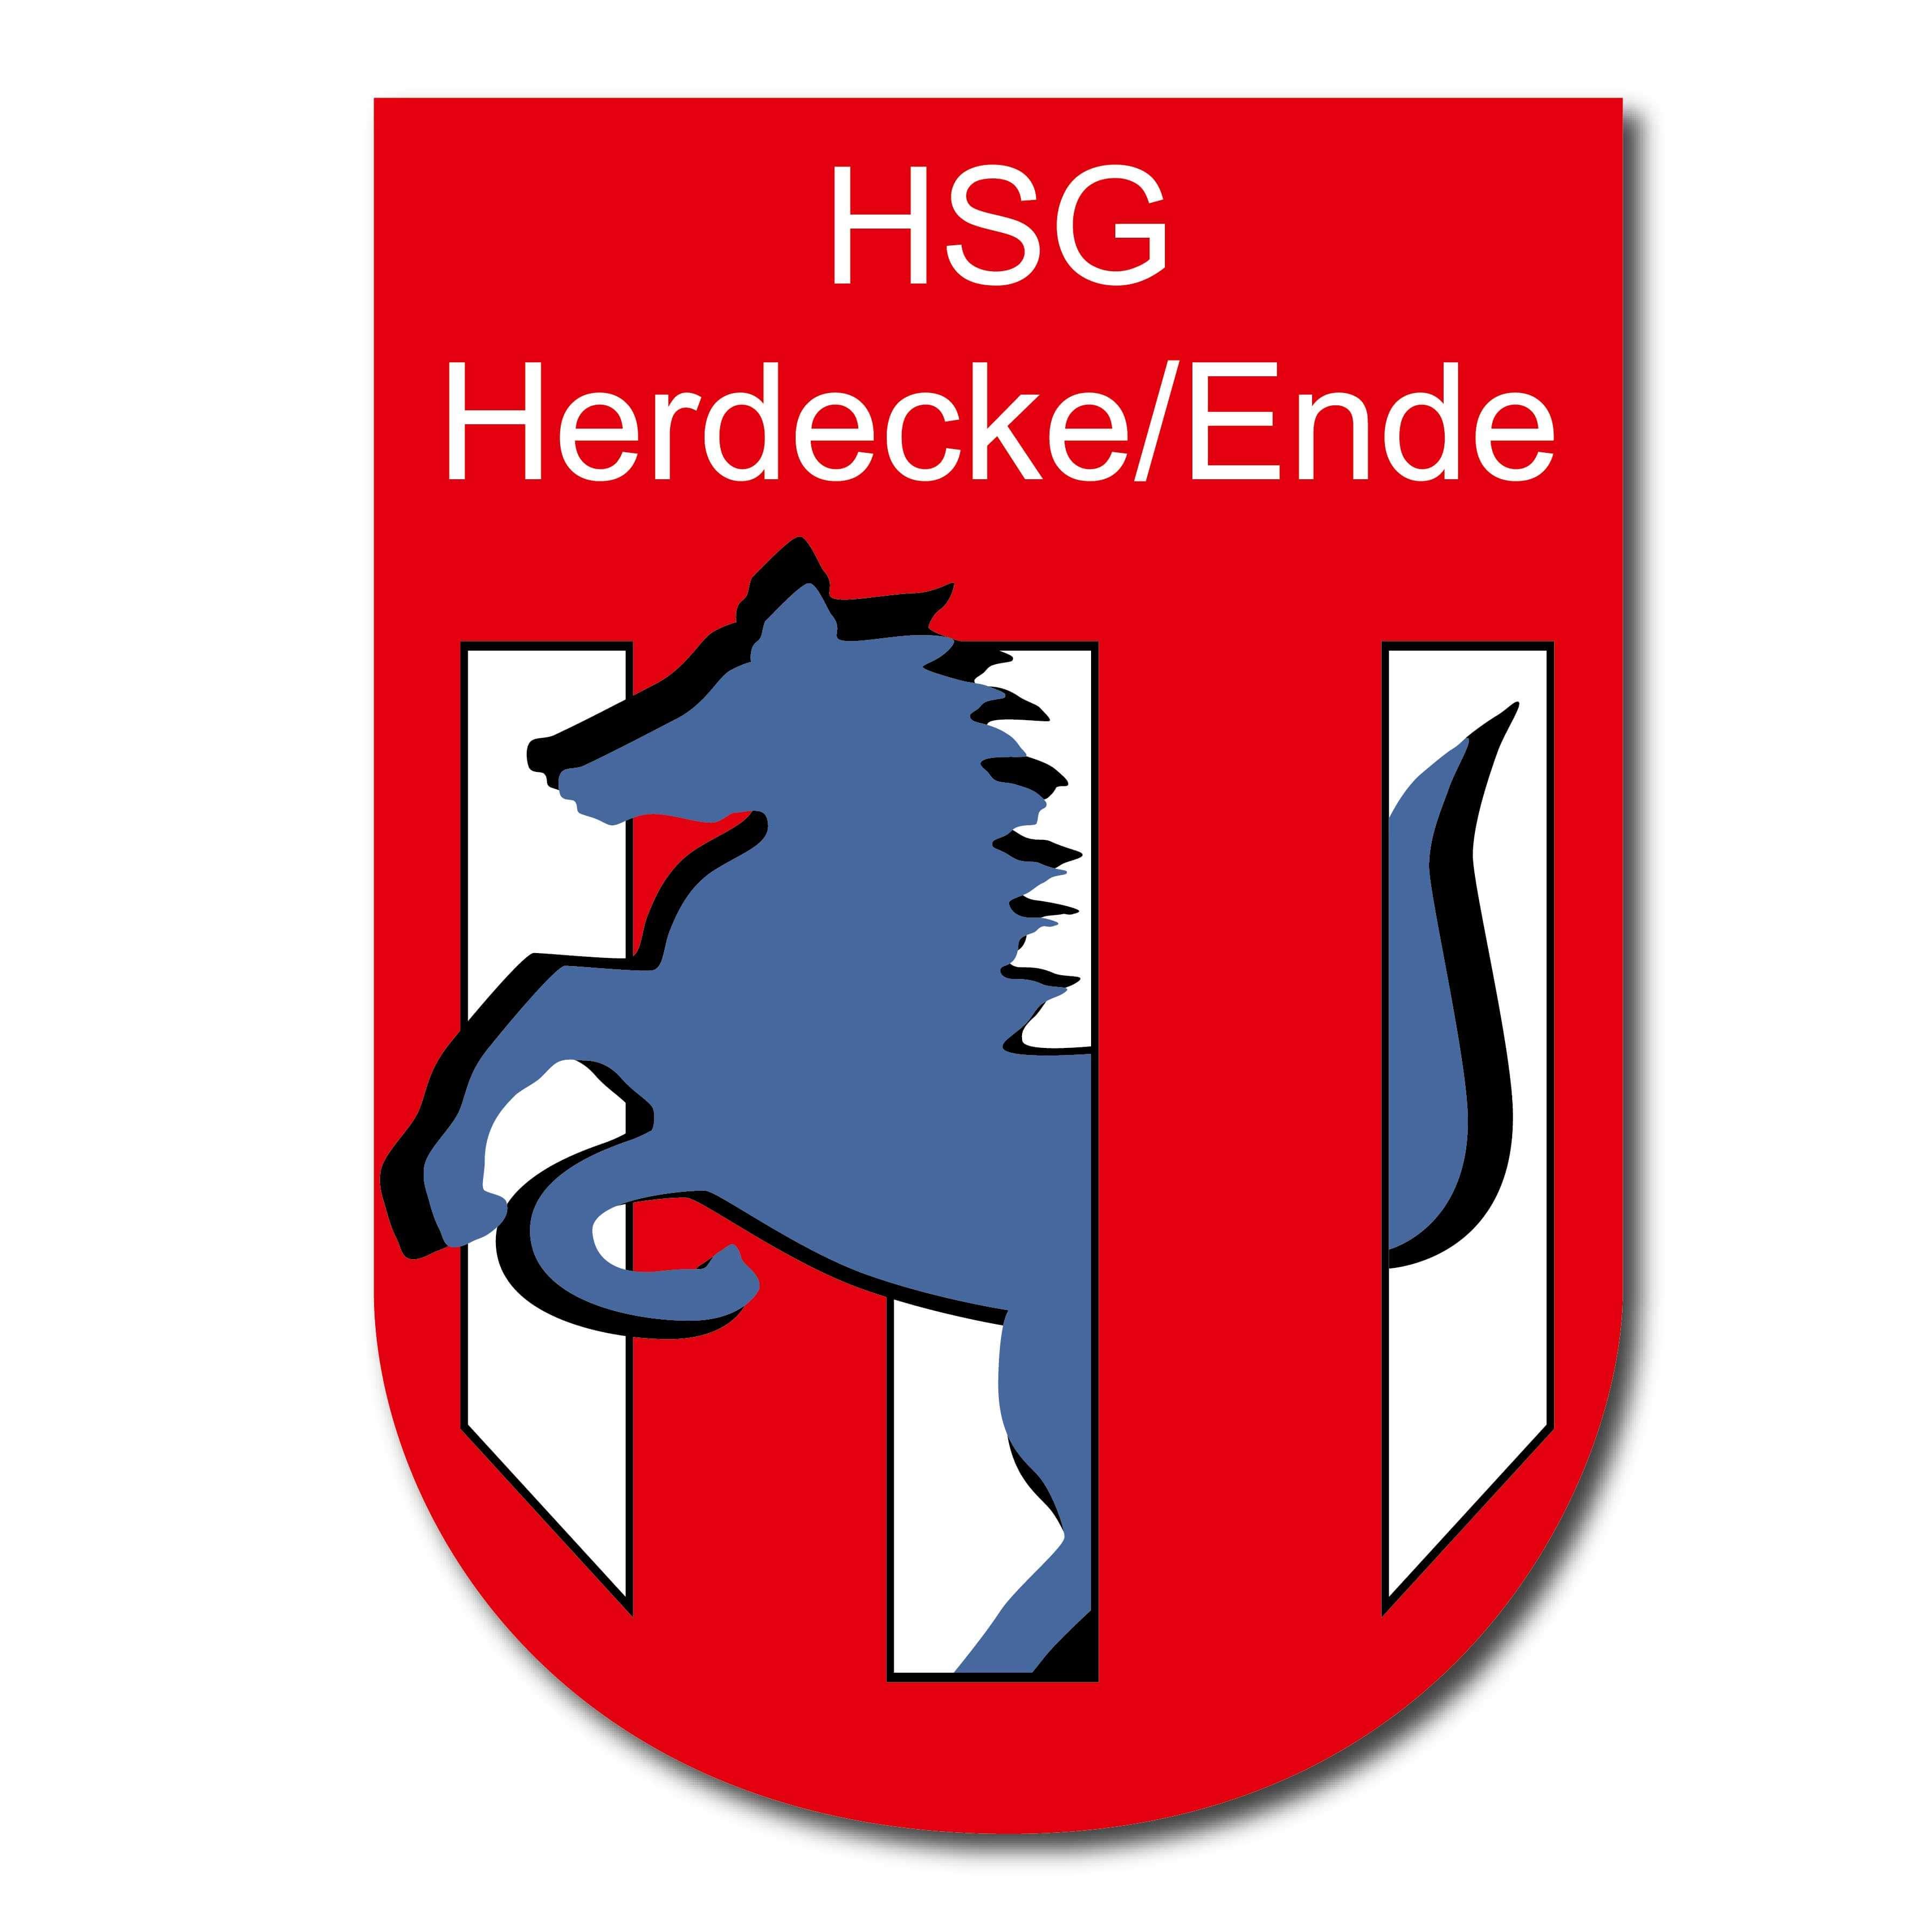 HSG Herdecke/Ende | Handball in Herdecke